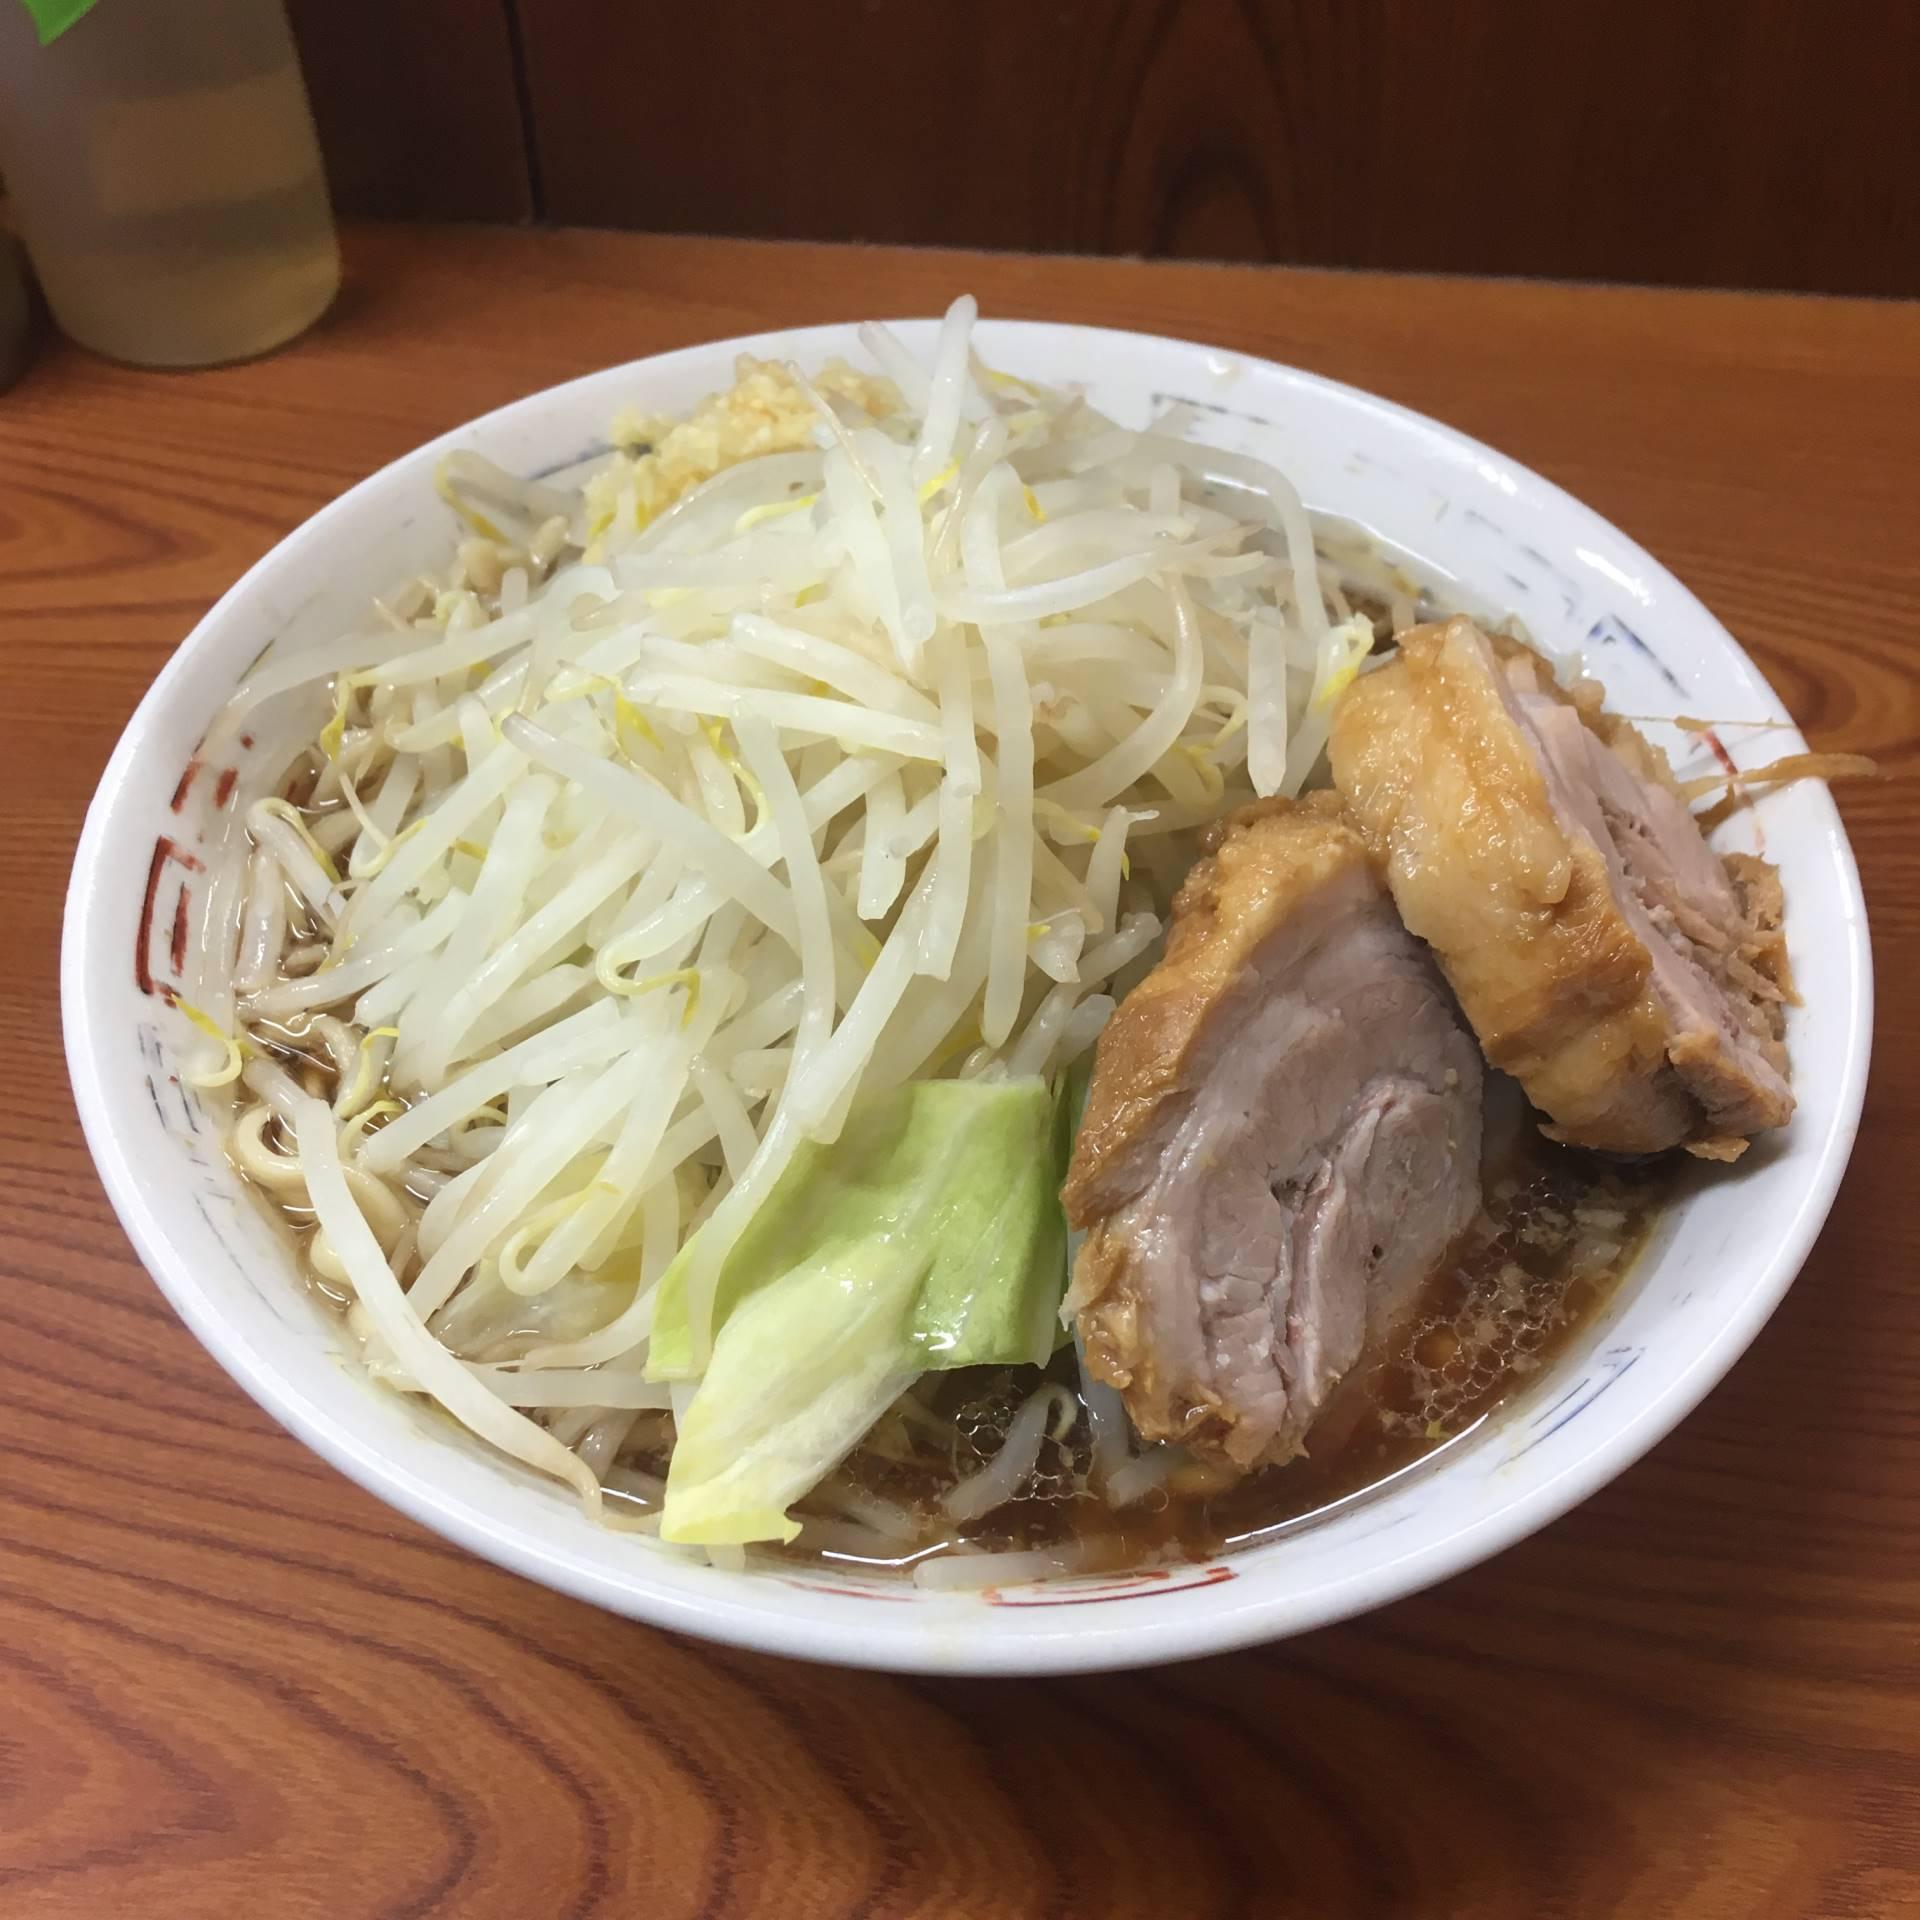 ラーメン二郎 亀戸店ラーメン730円麺硬め少な目 ヤサイマシニンニク